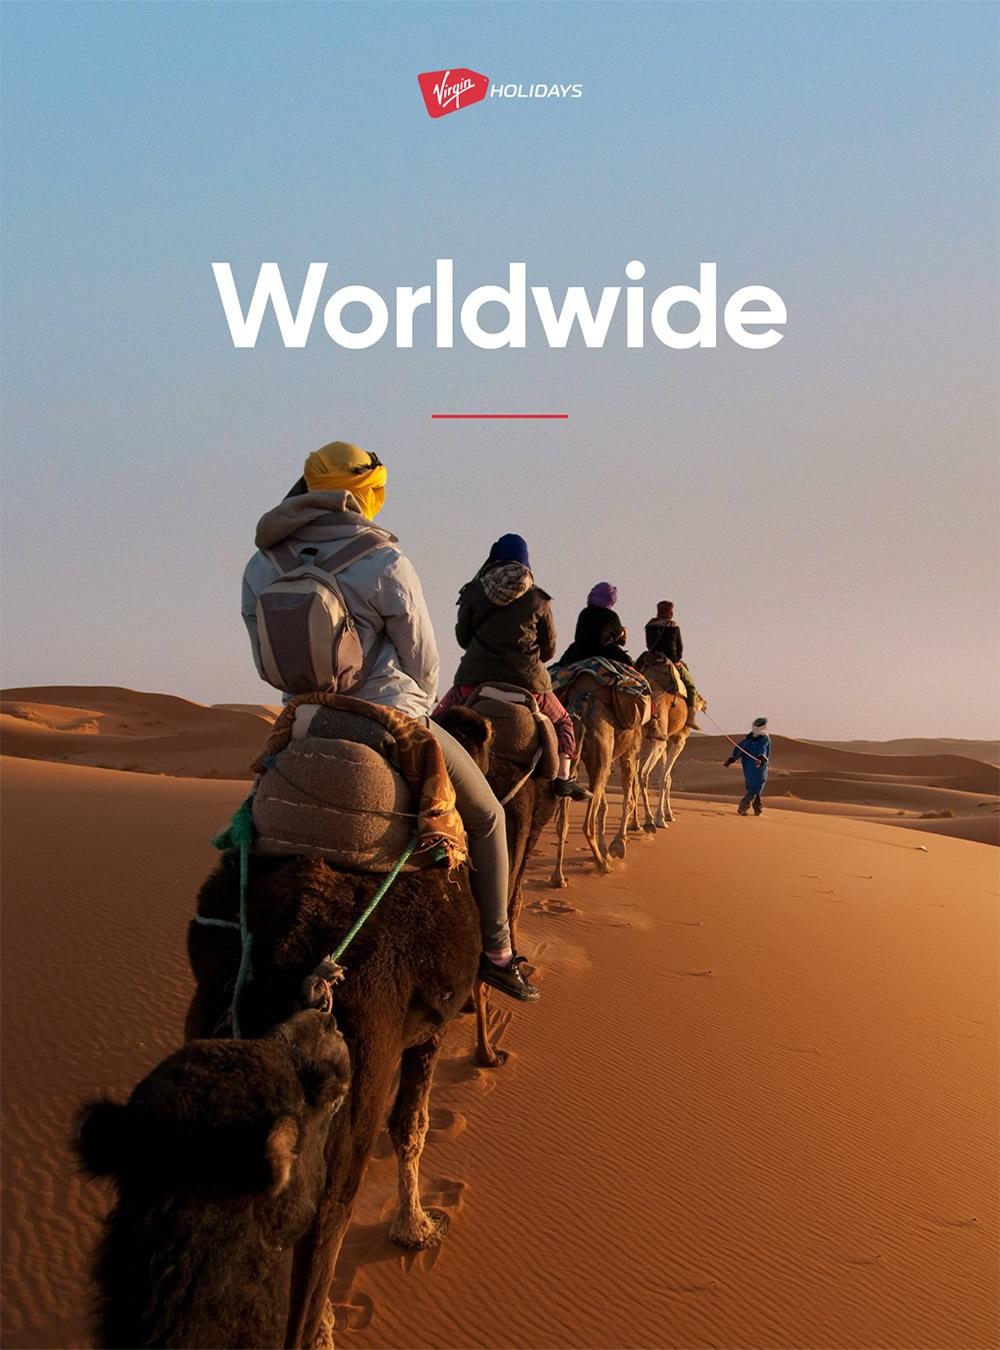 Holiday Brochures 2019/2020 | Online Travel Brochures